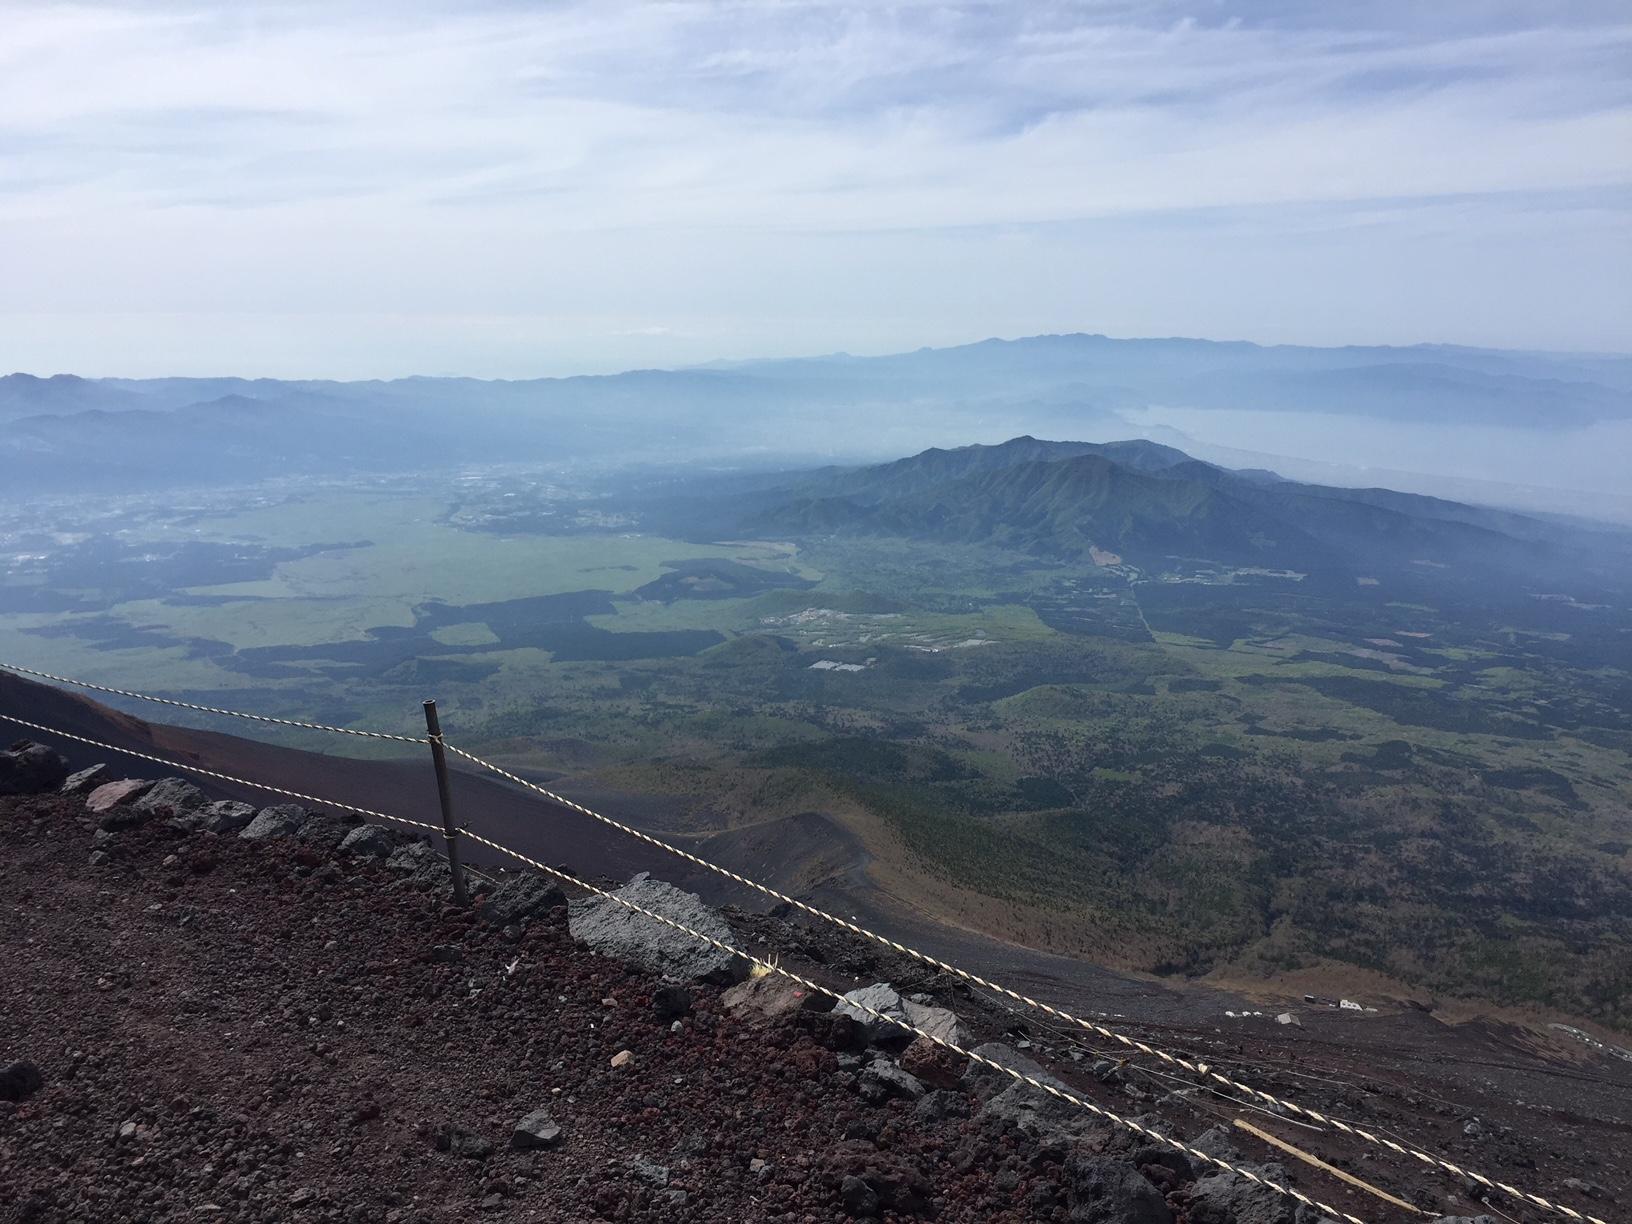 8:10 2800m付近より、愛鷹山